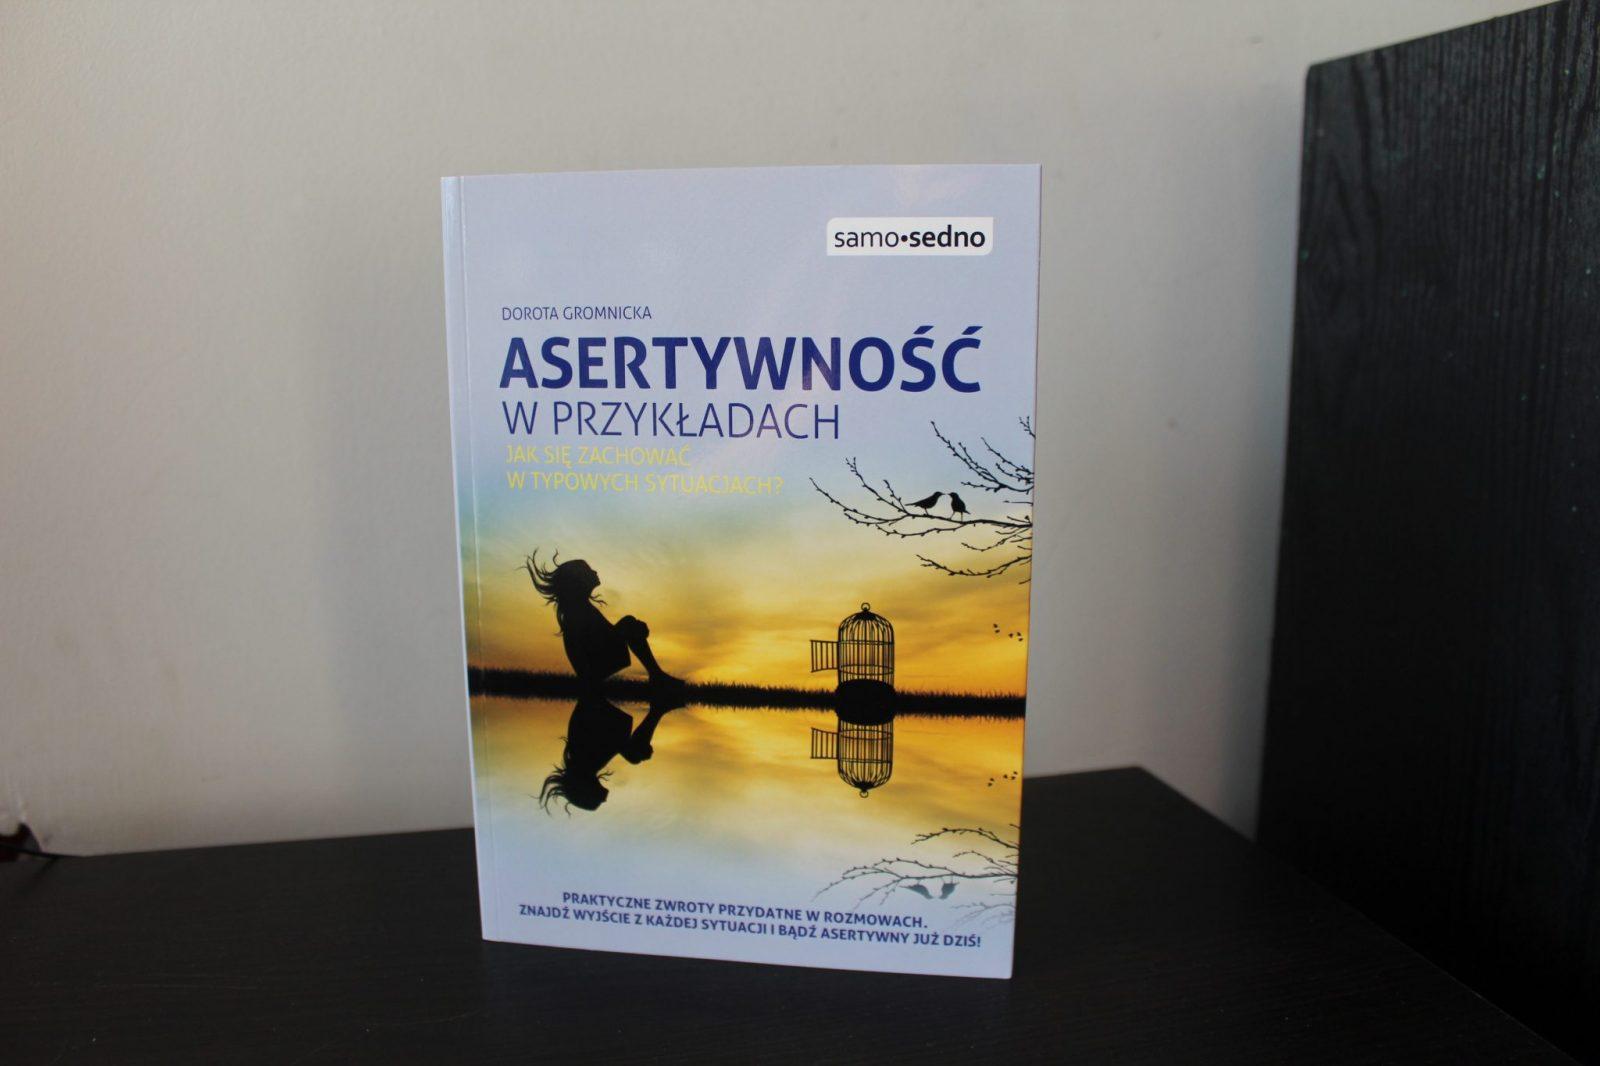 """ROZDANIE – 2 książki """"Asertywność wprzykładach"""" Doroty Gromnickiej"""